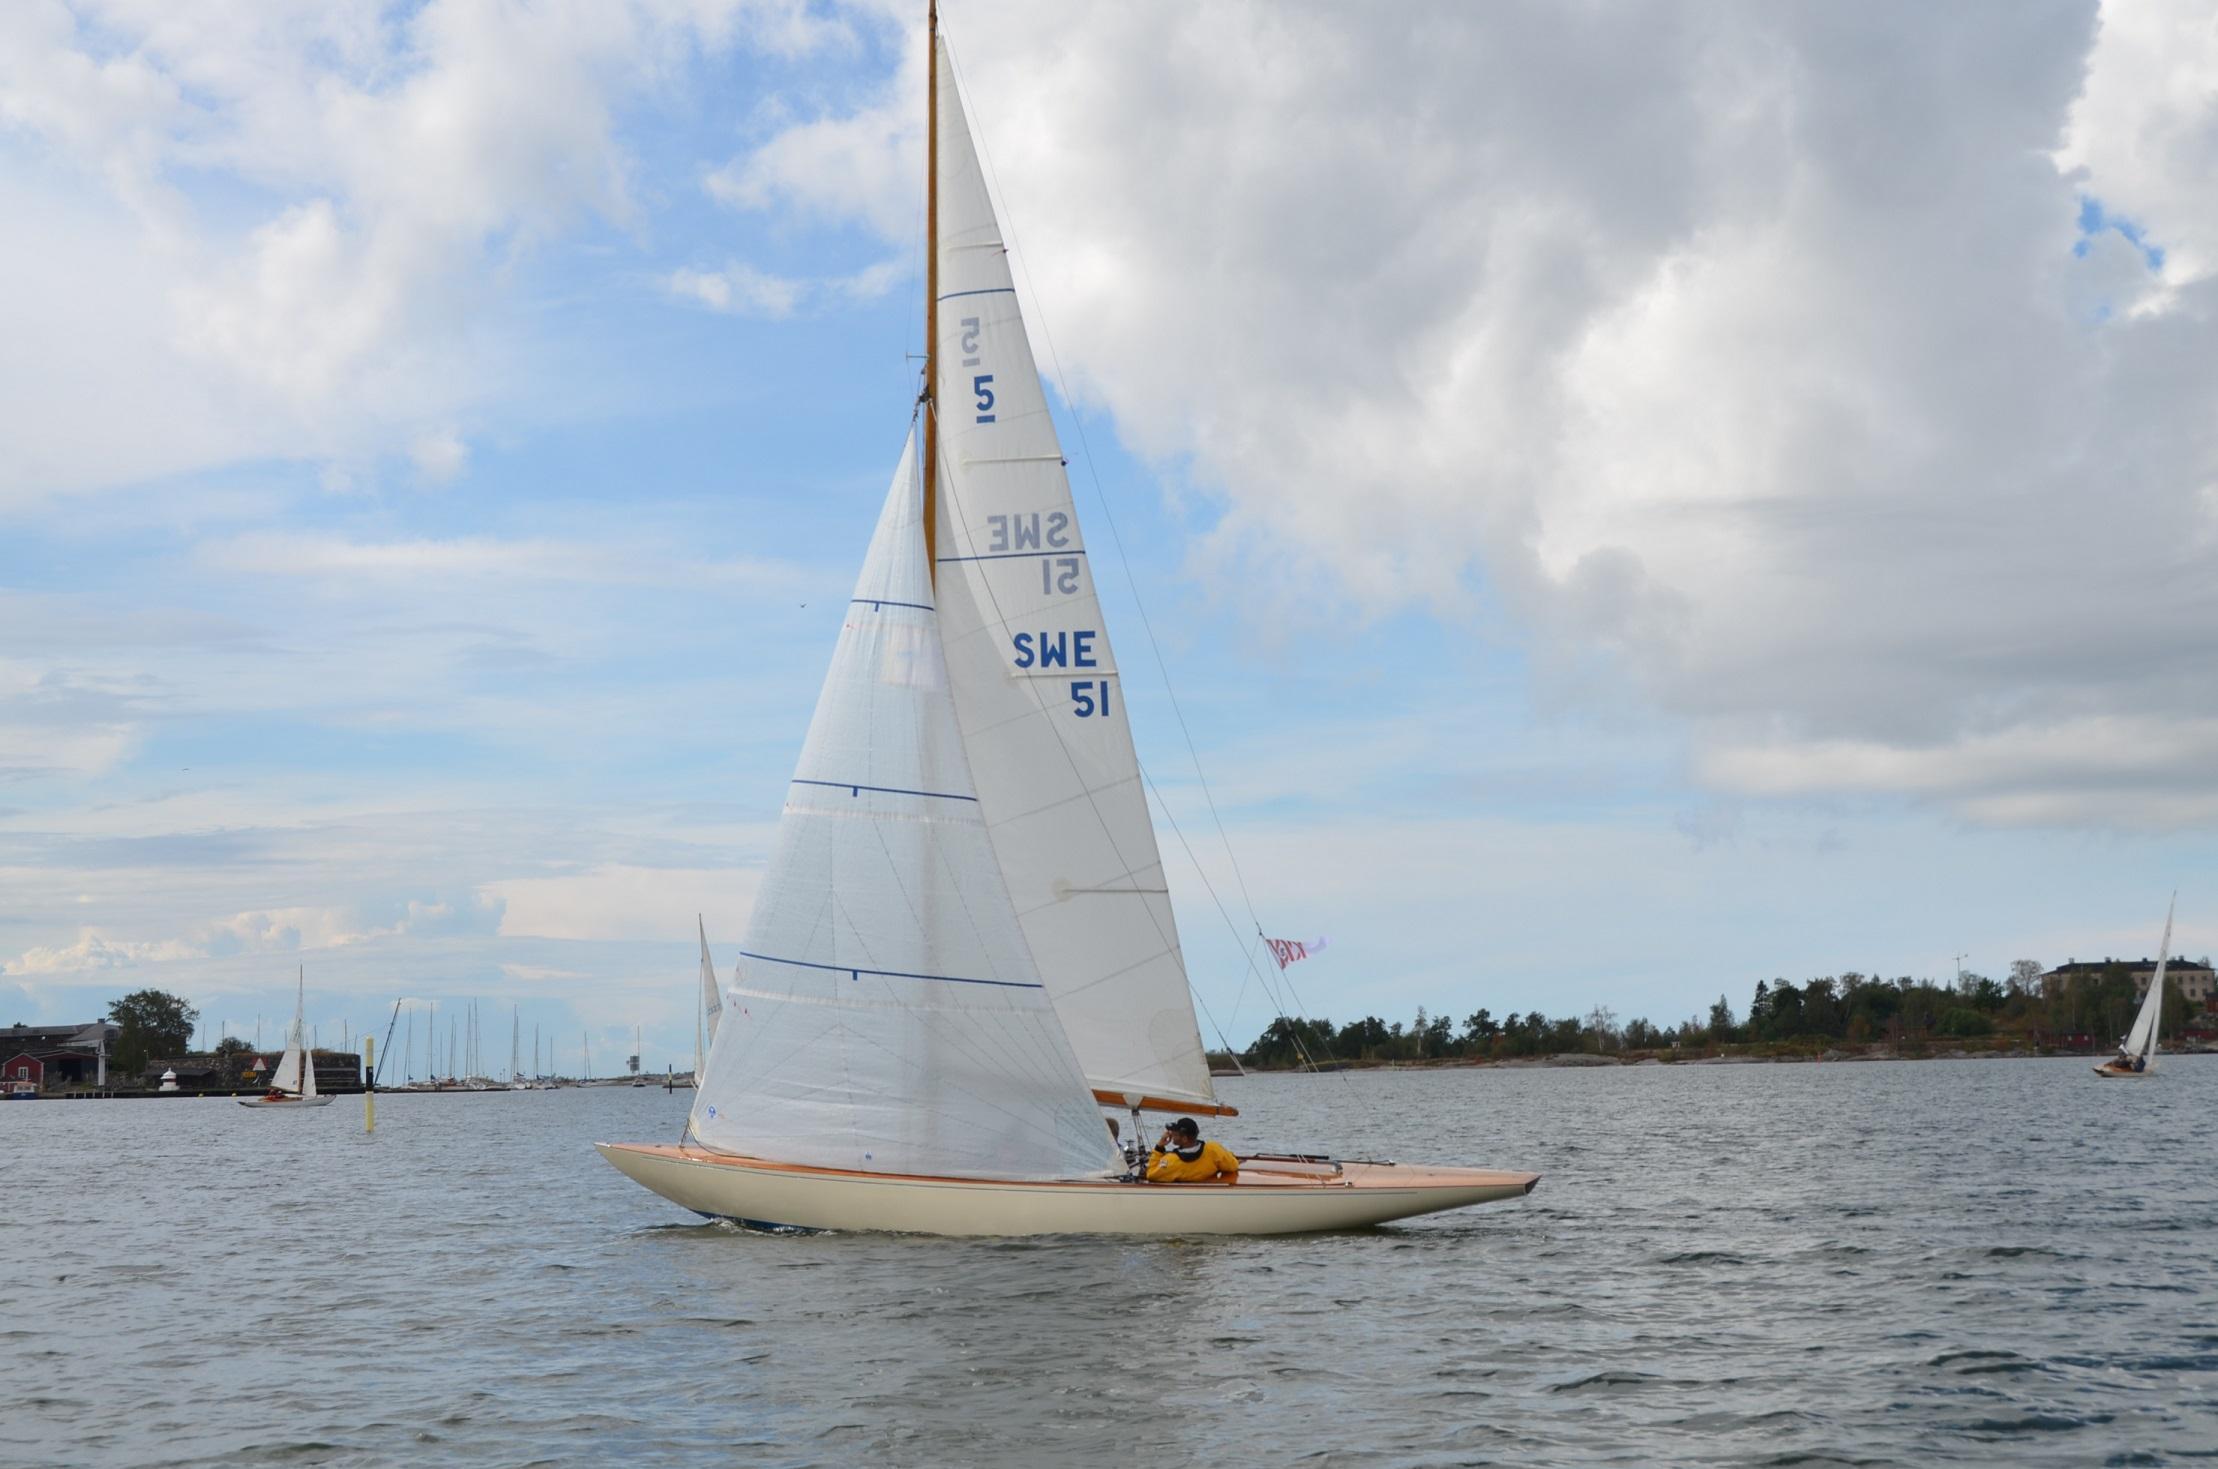 Int 5m Blåvinge S-51, FIN-45